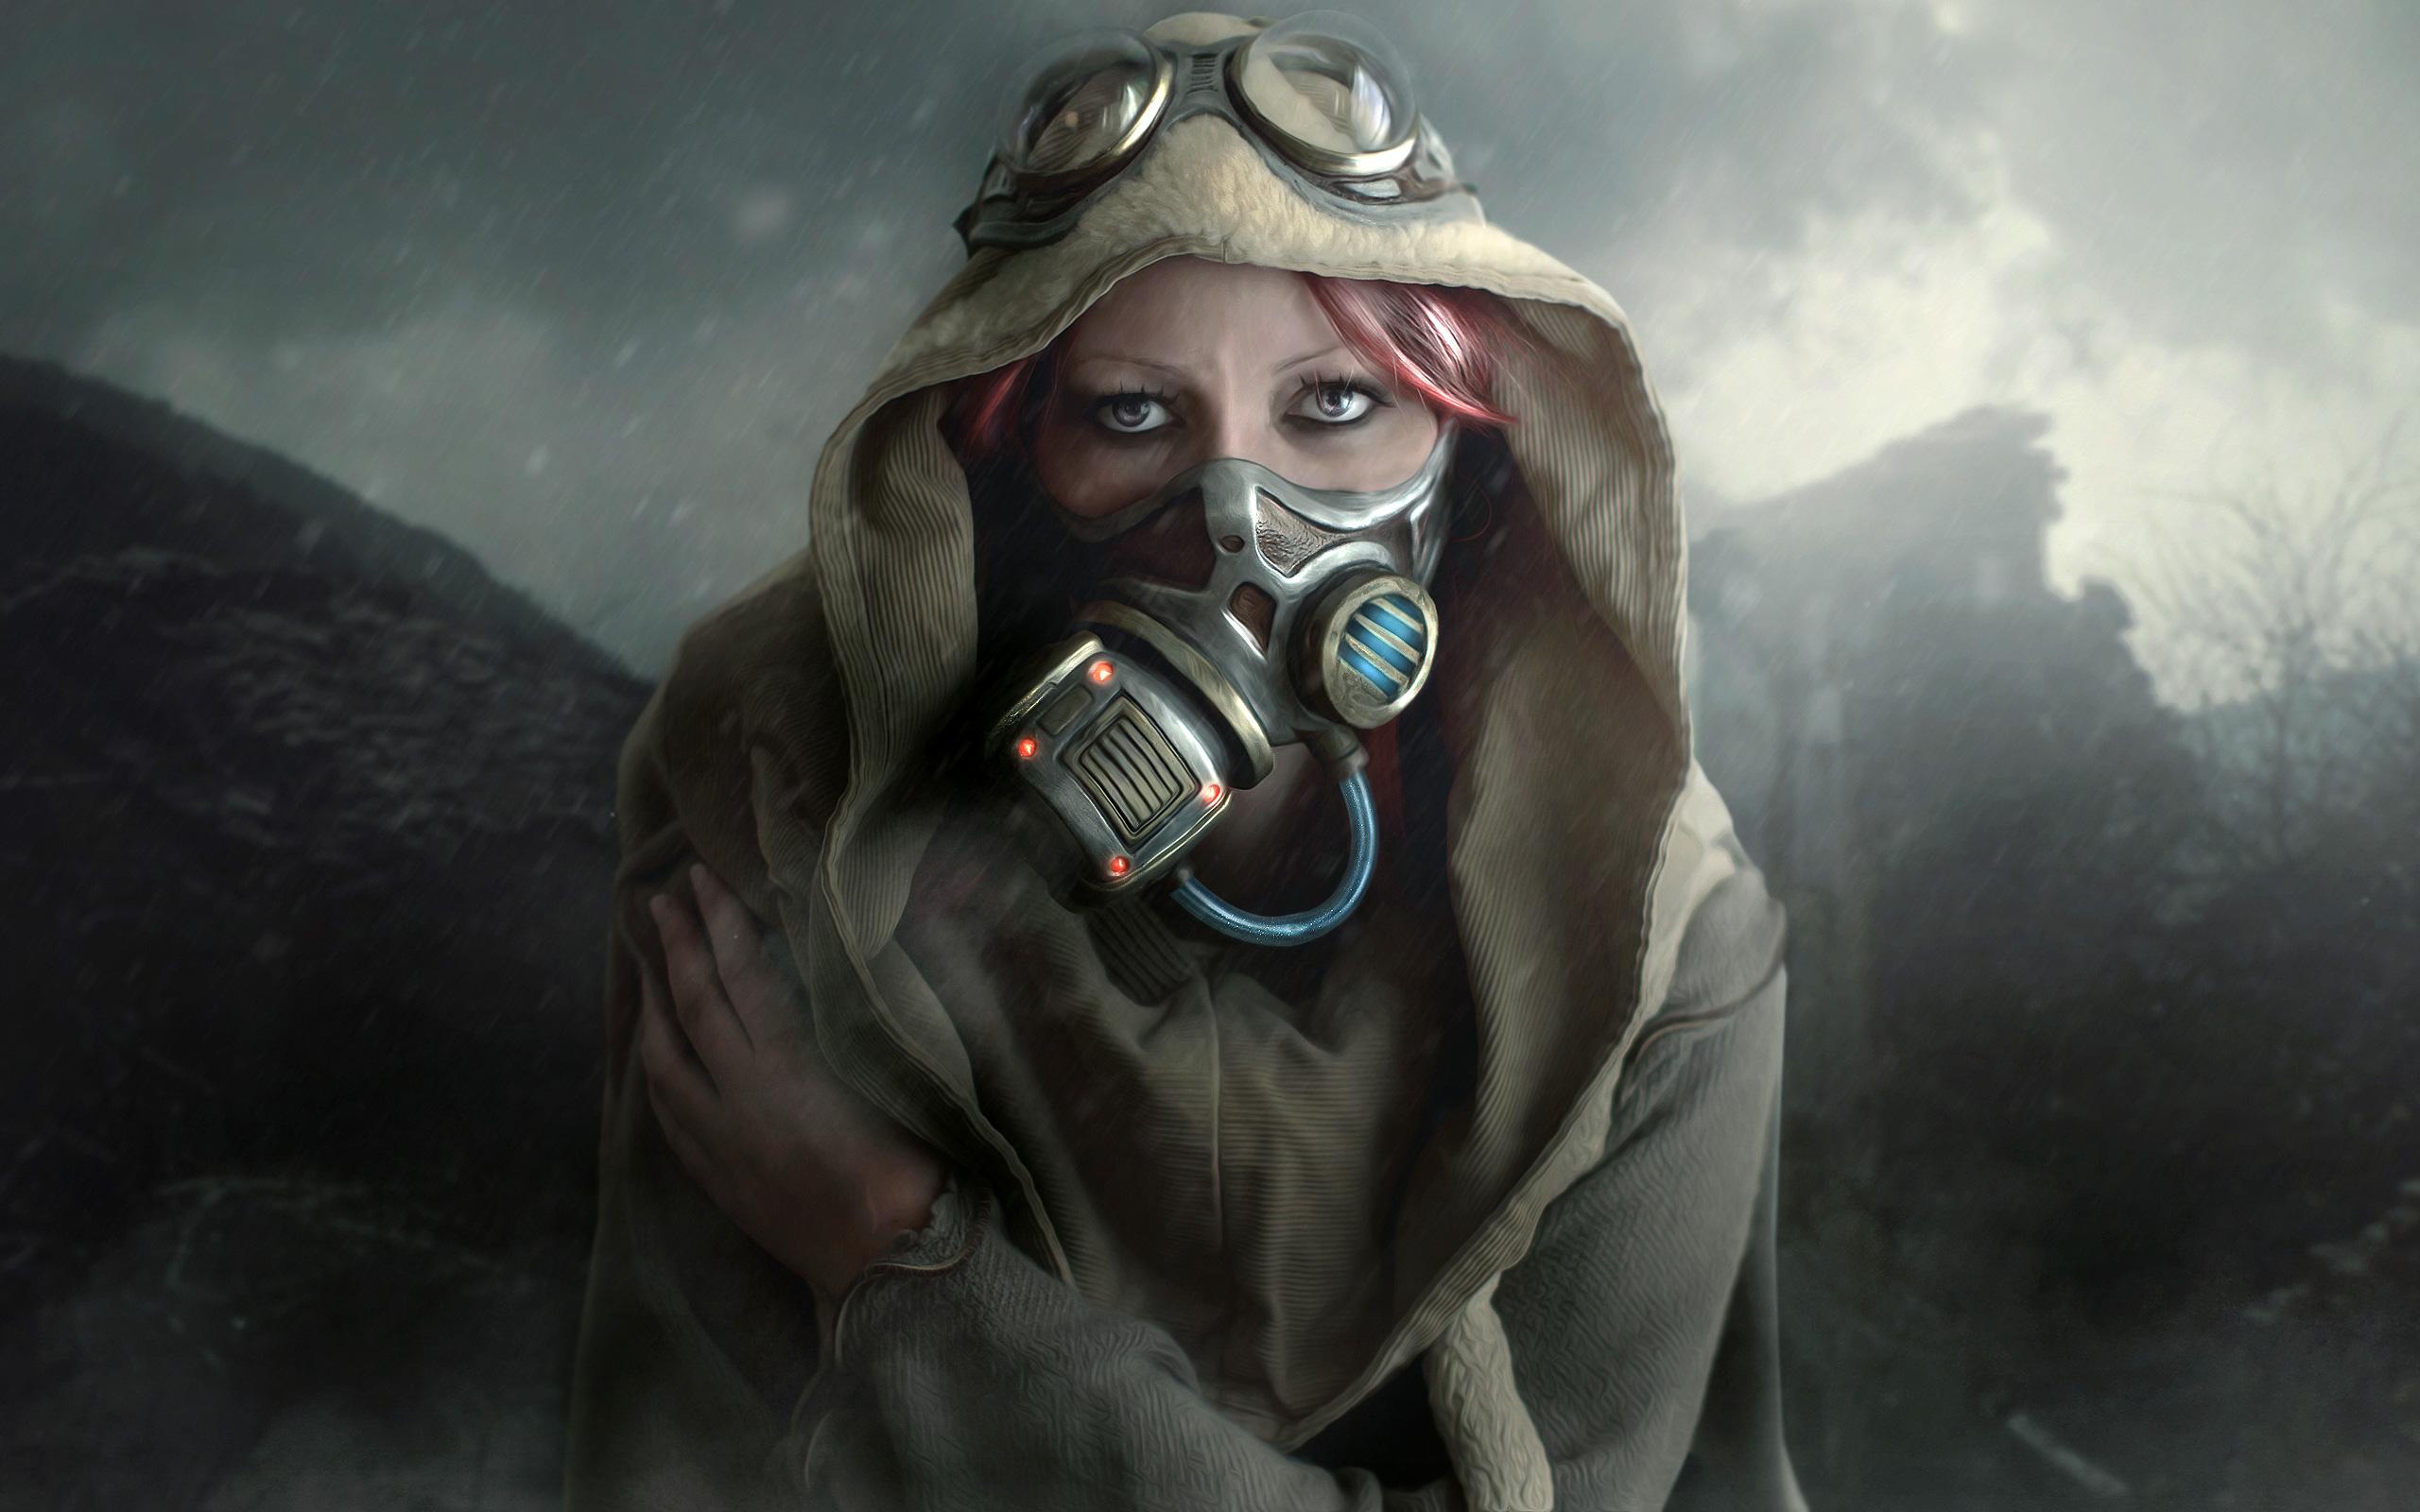 Холодный день женщина маска. обои скачать